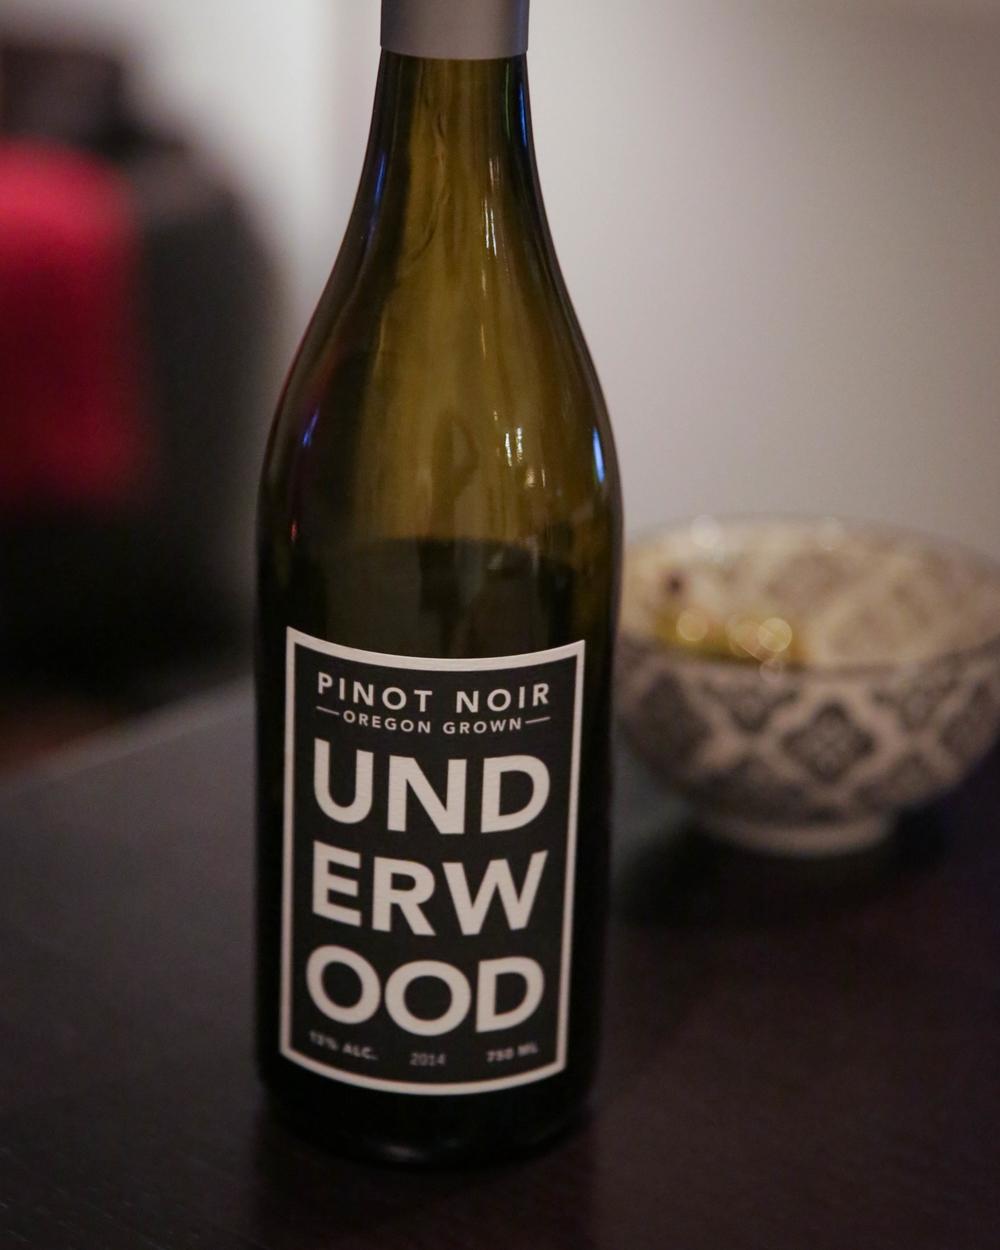 LaurenSchwaiger-Life-Style-Blog-Underwood-Pinot-Noir.jpg